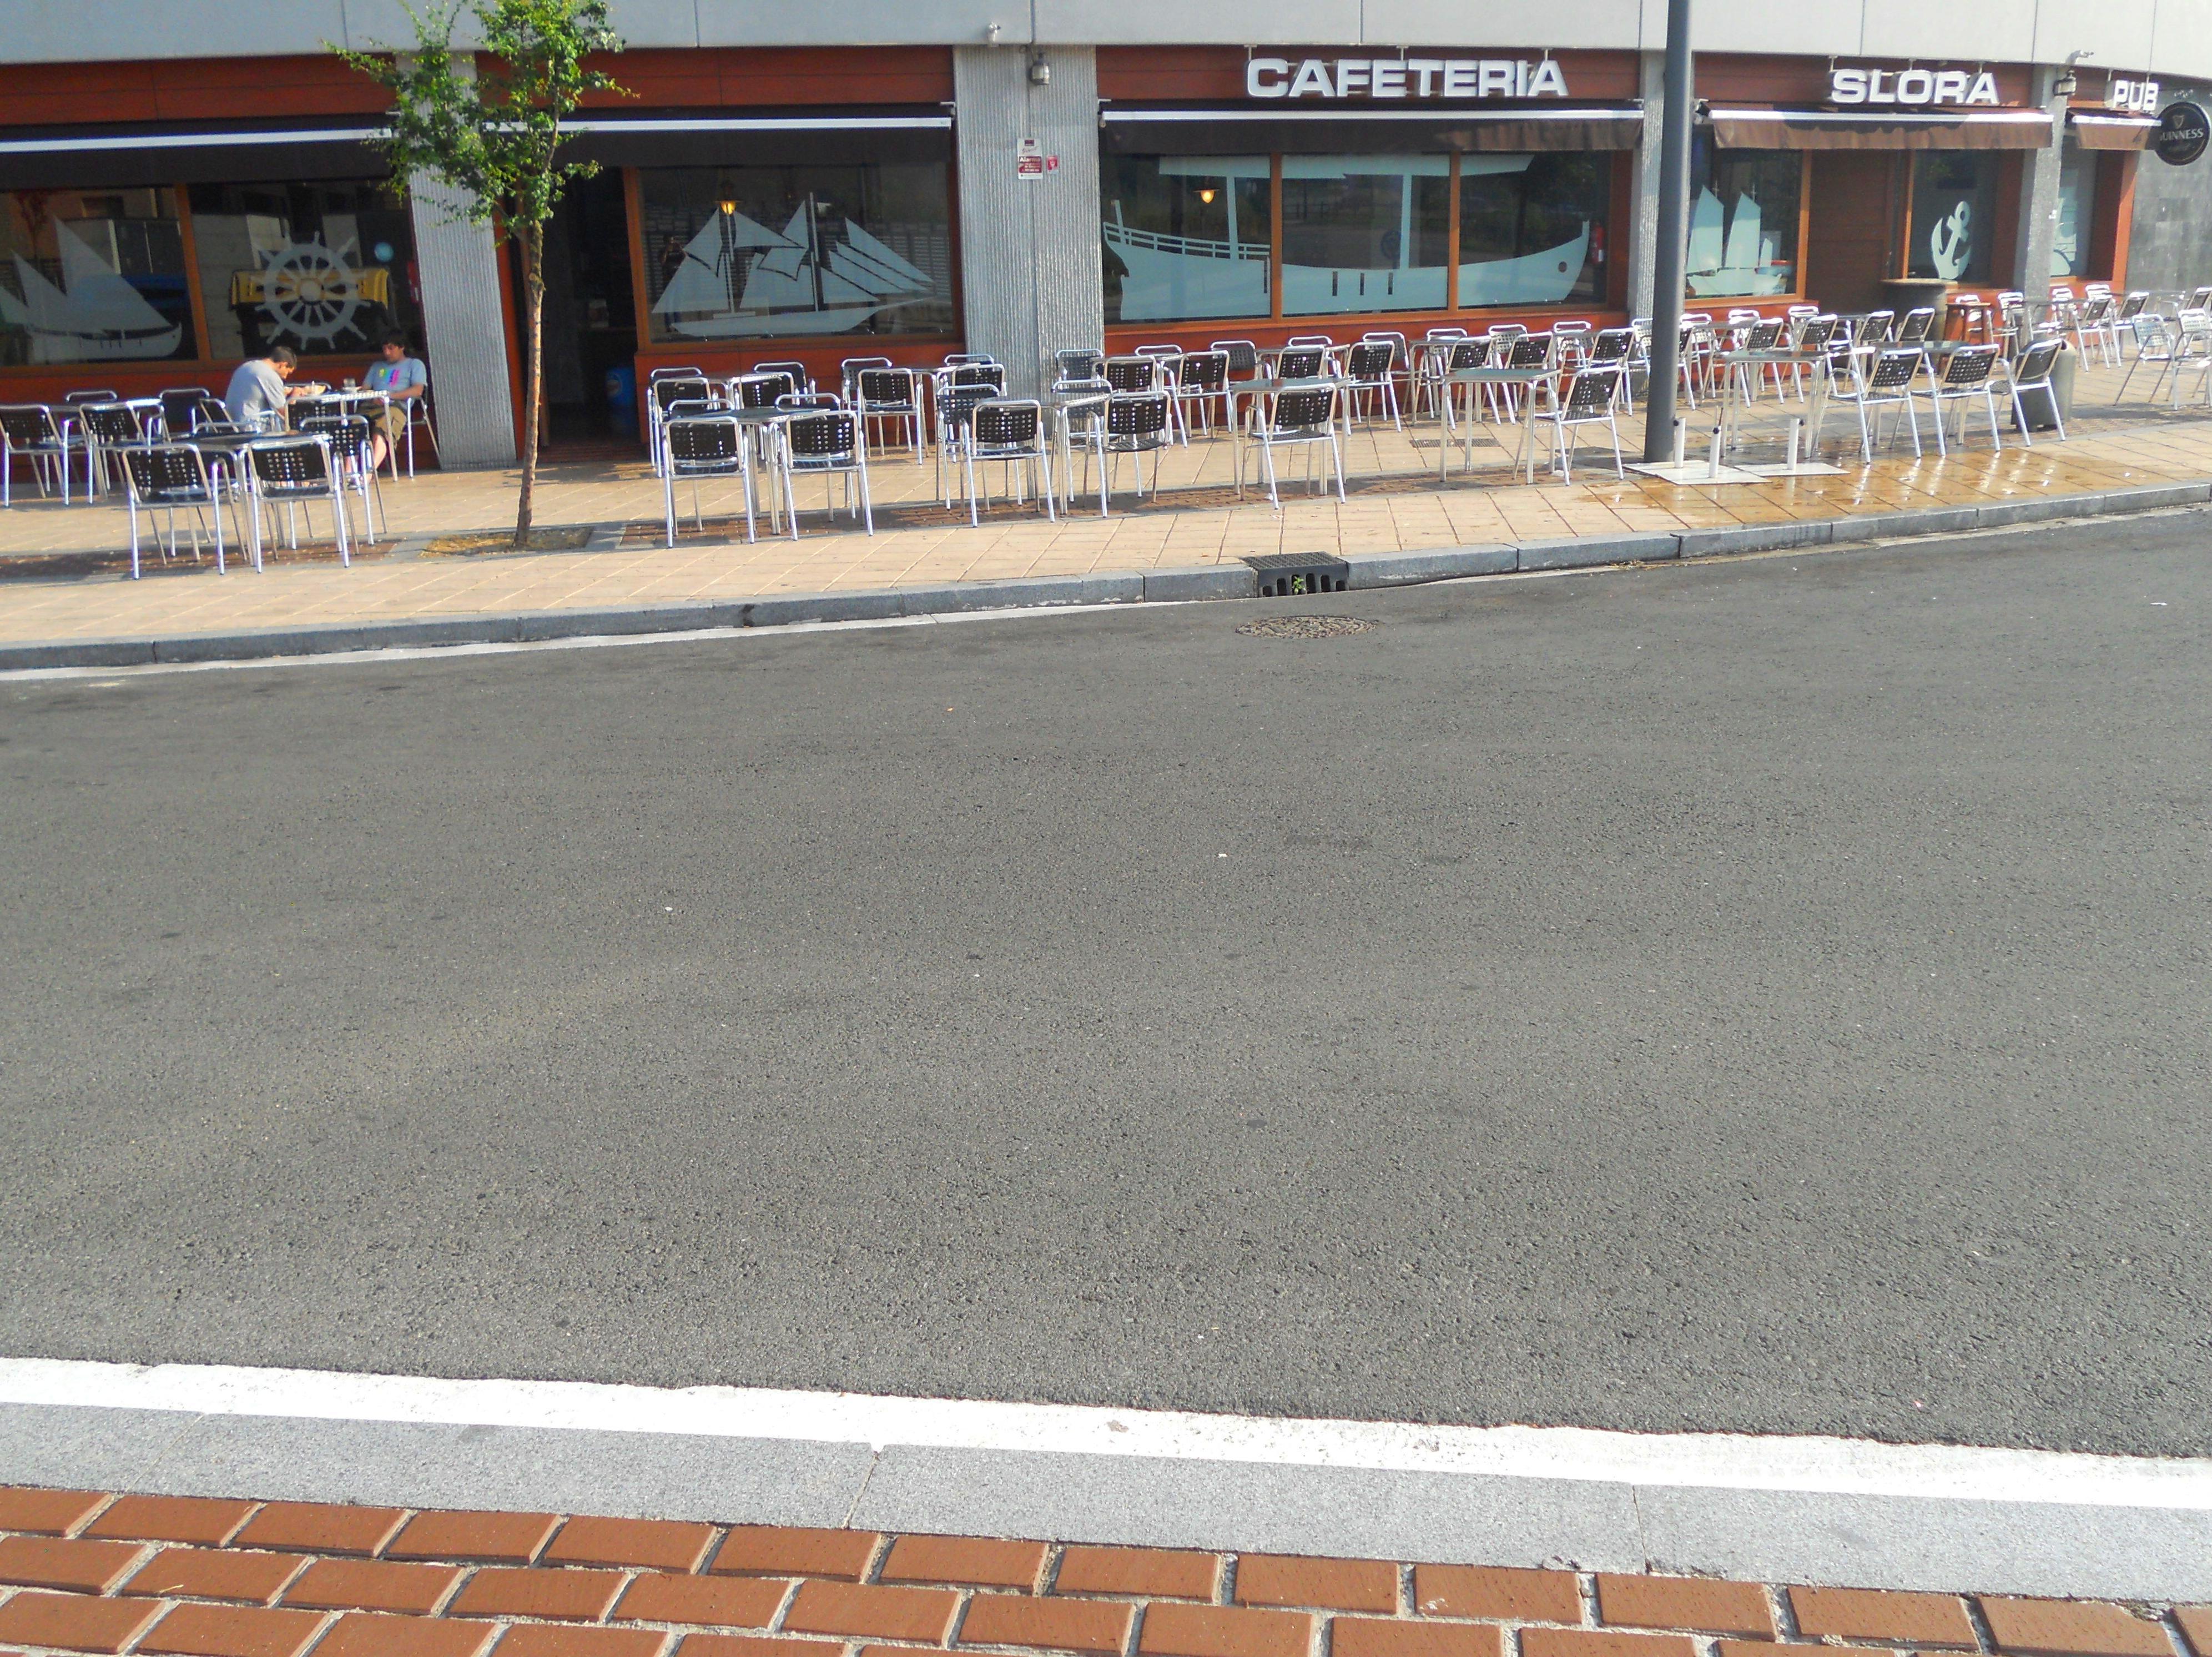 Foto 37 de Cafetería en Vitoria-Gasteiz | Slora